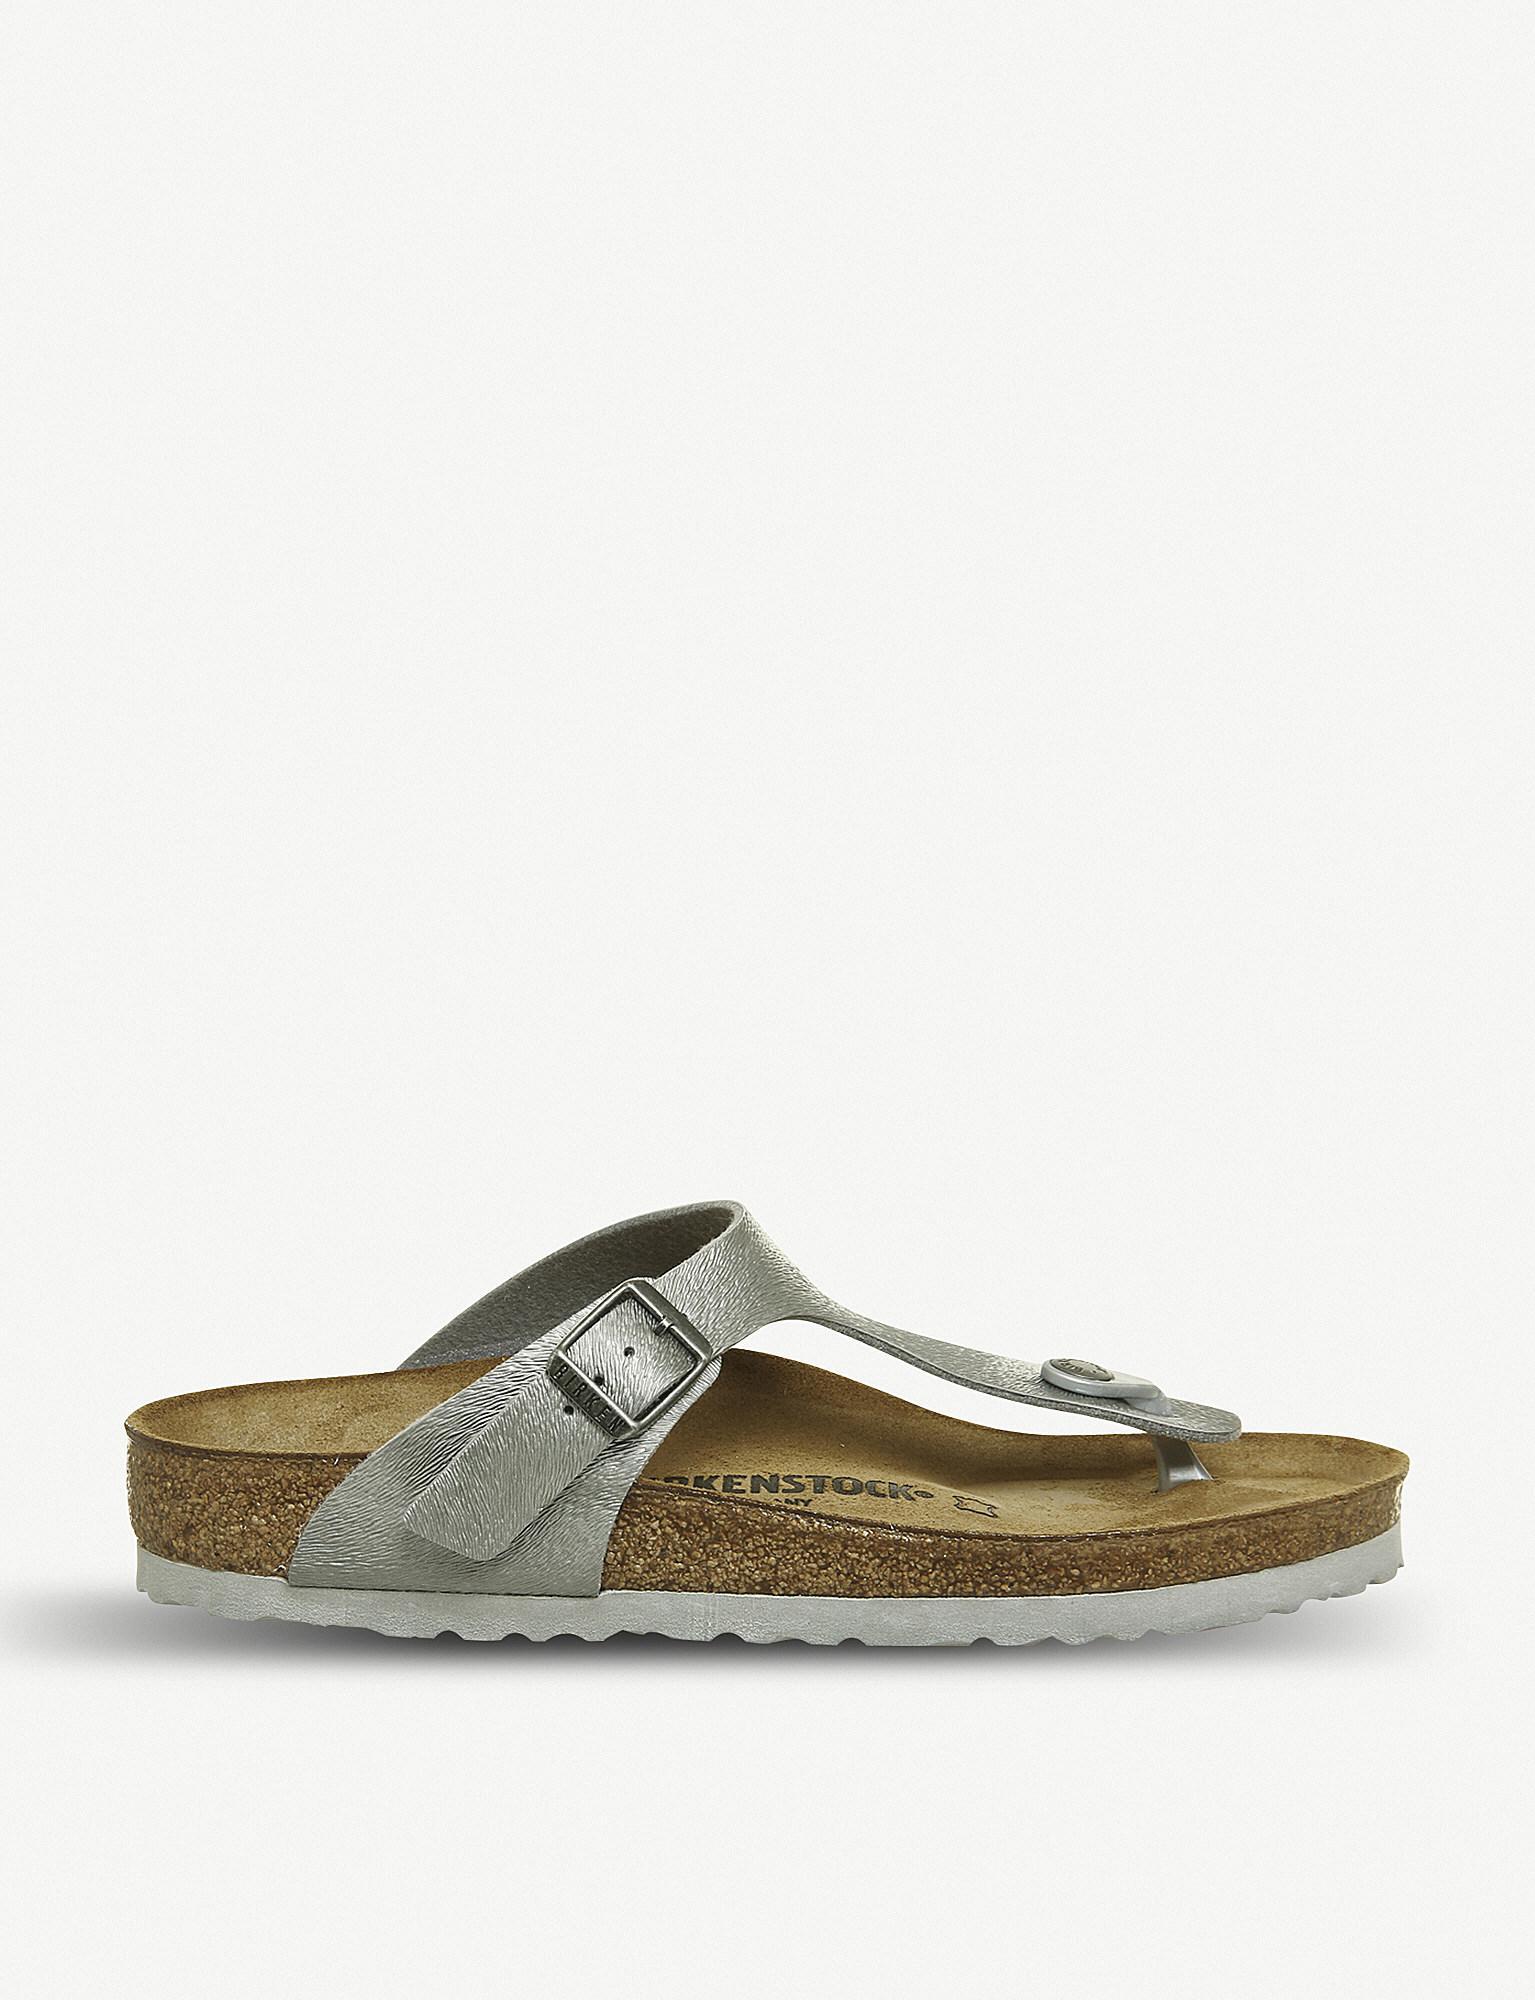 84751befc Lyst - Birkenstock Gizeh Bf Womens Sandals in Gray